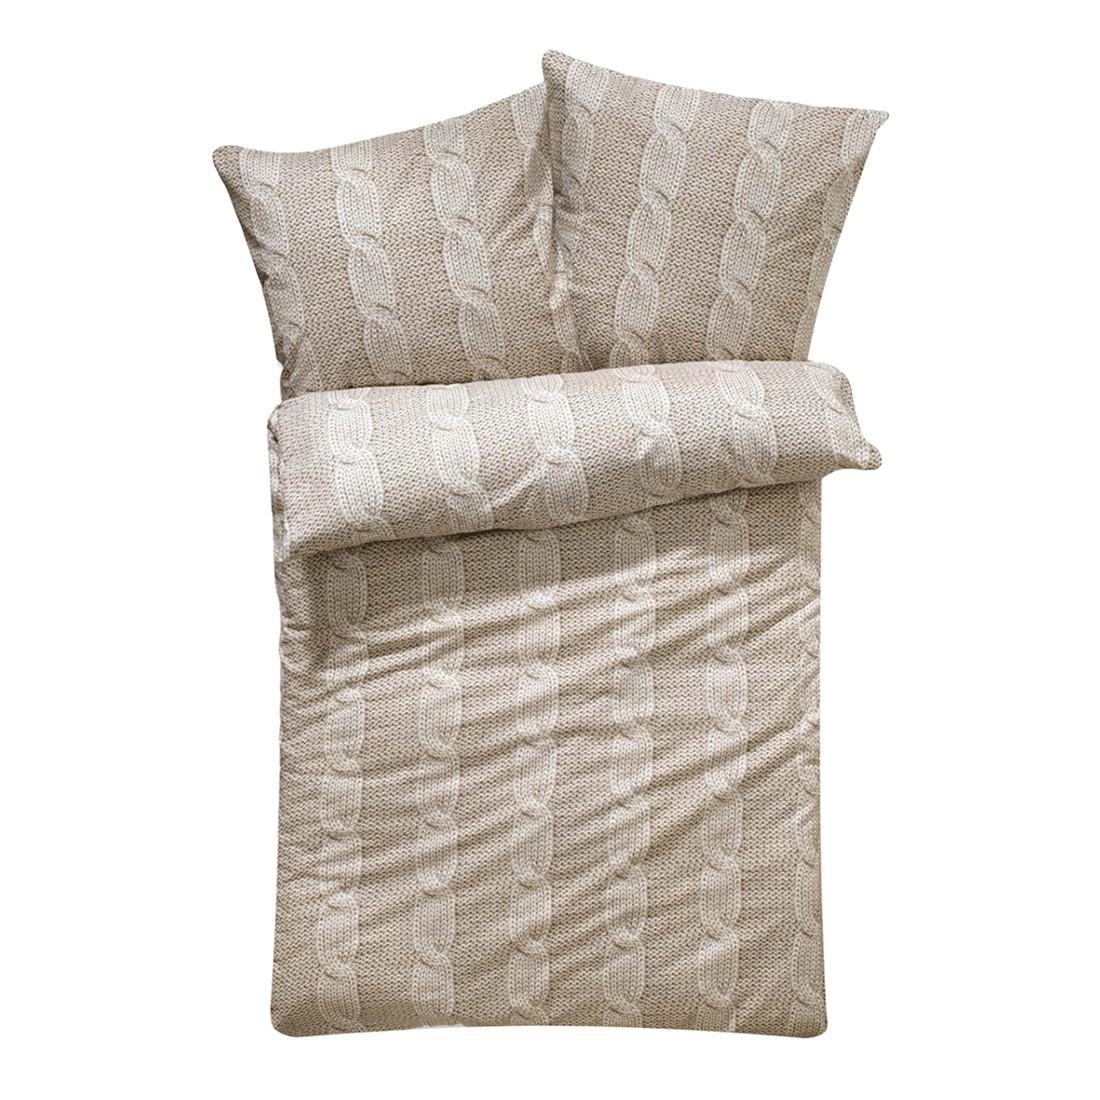 Bettwäsche – Baumwoll-Flanell – Beige – 135 x 200 cm, PureDay kaufen